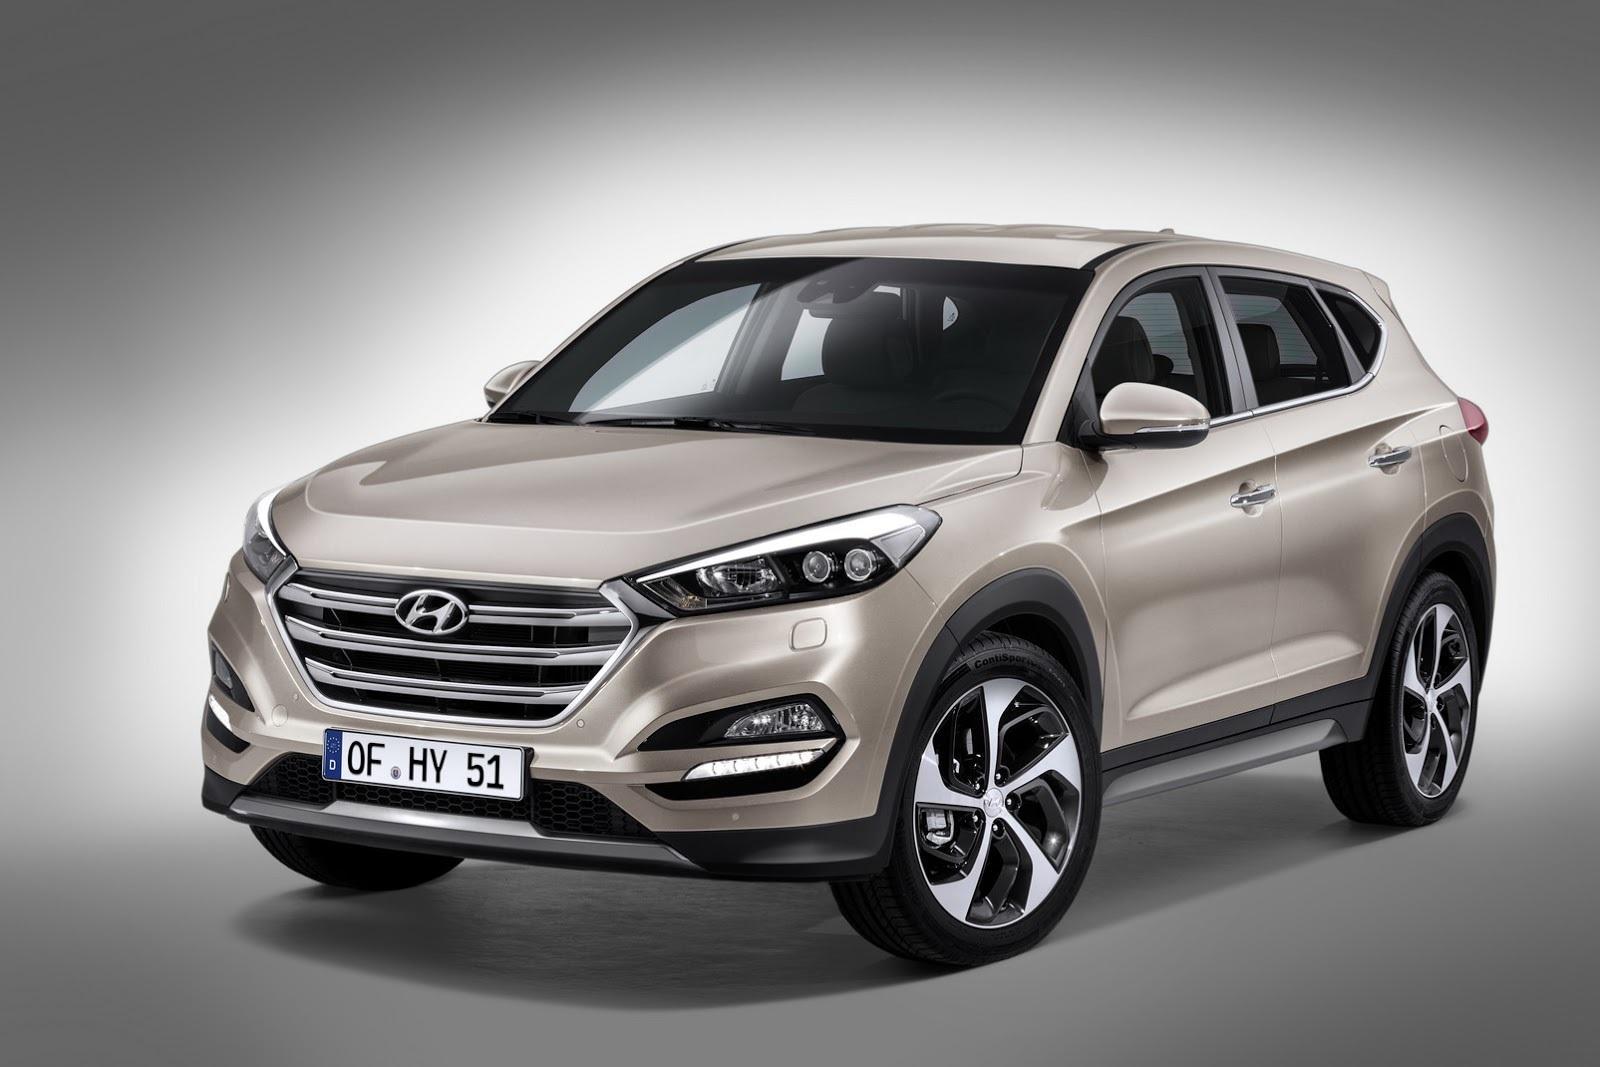 2016 Hyundai Tucson 1 The